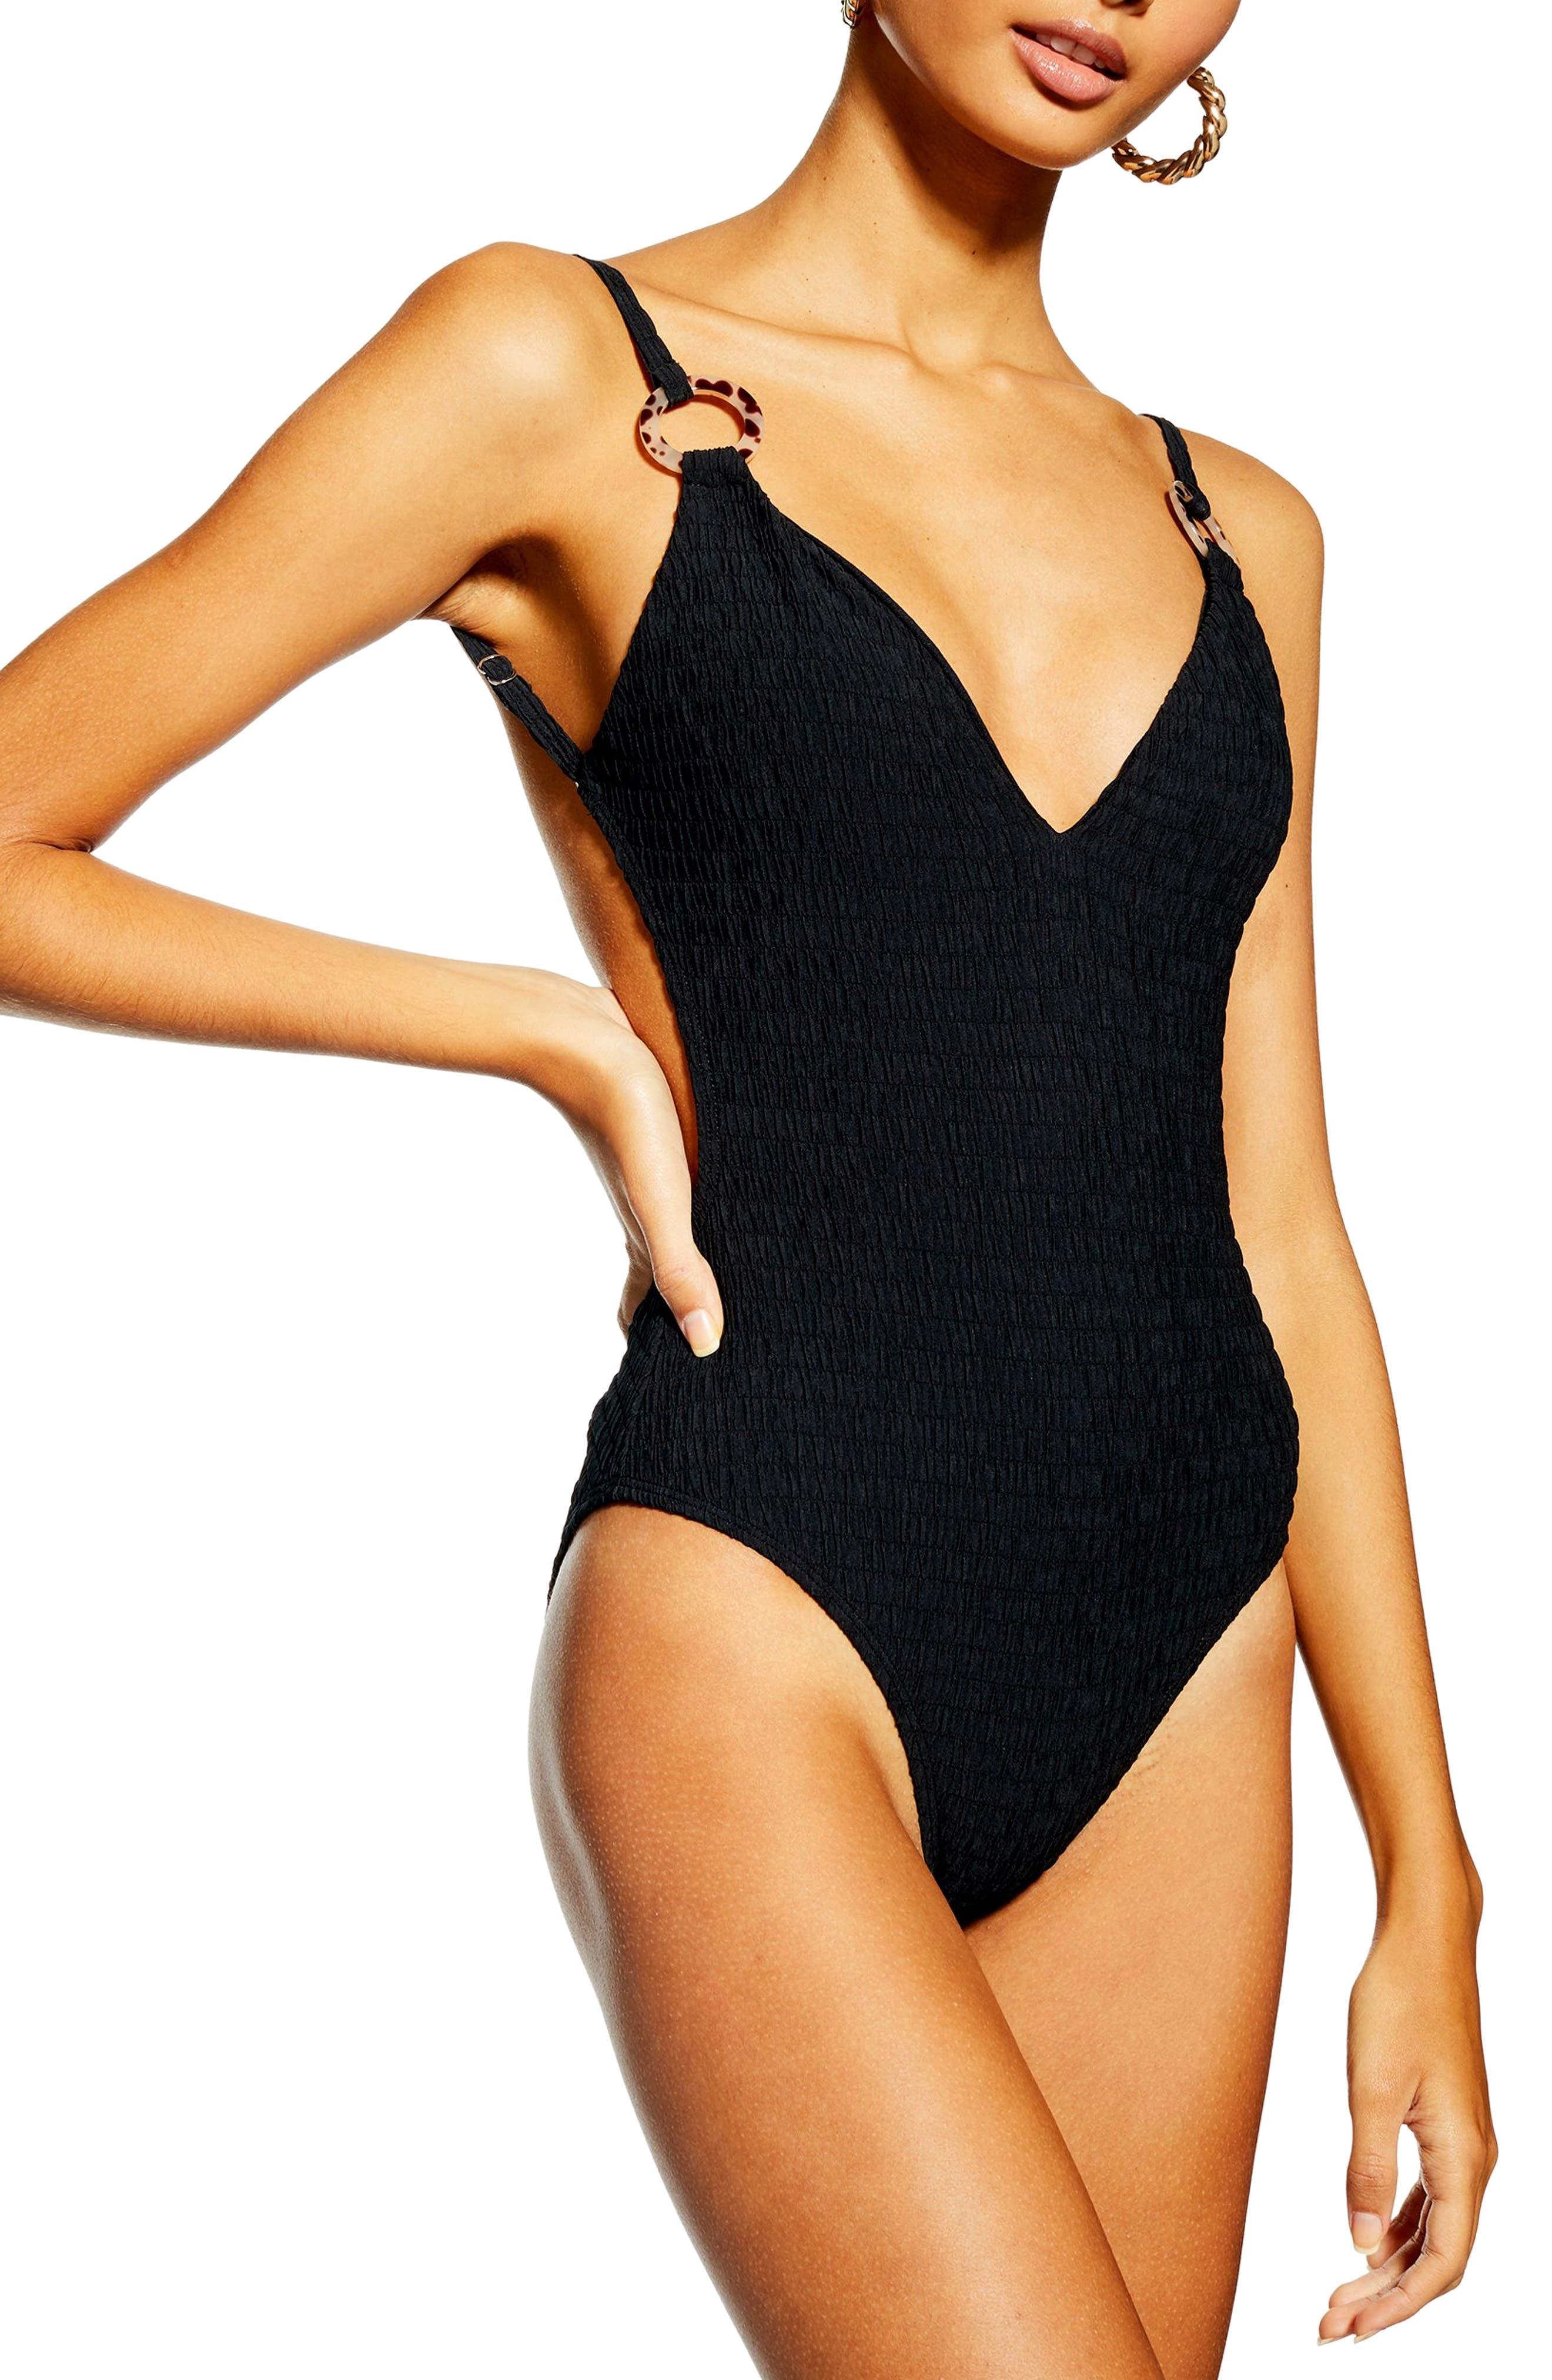 TOPSHOP Plunge One-Piece Swimsuit, Main, color, BLACK